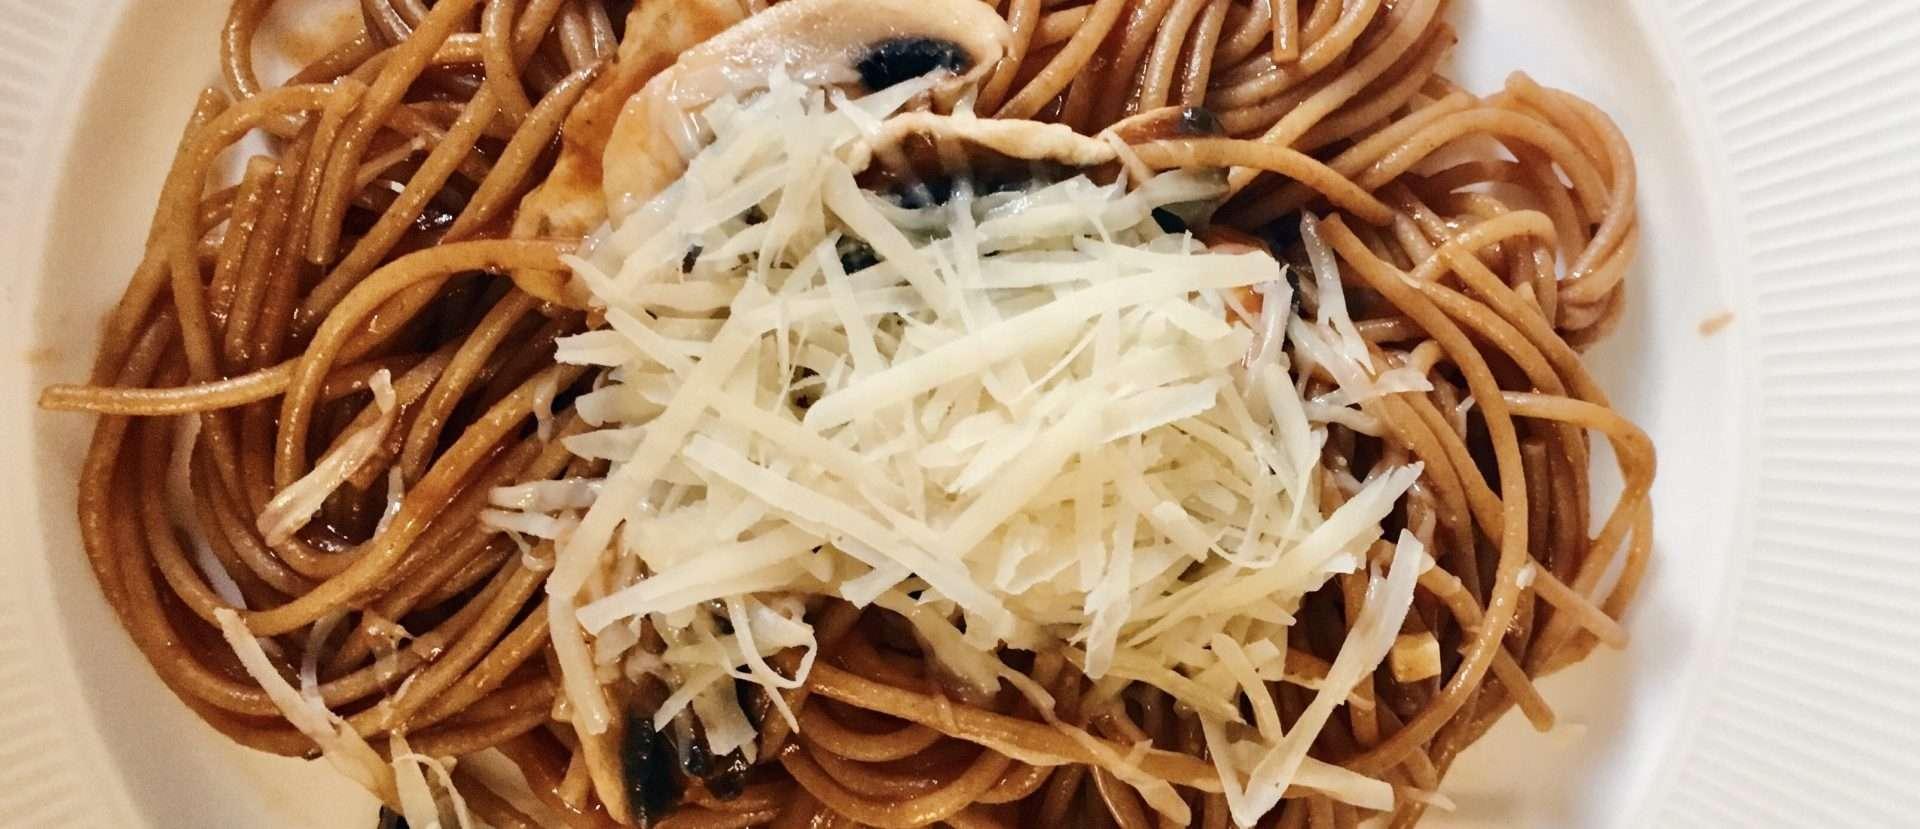 وصفة سباغتي سهلة وسريعة